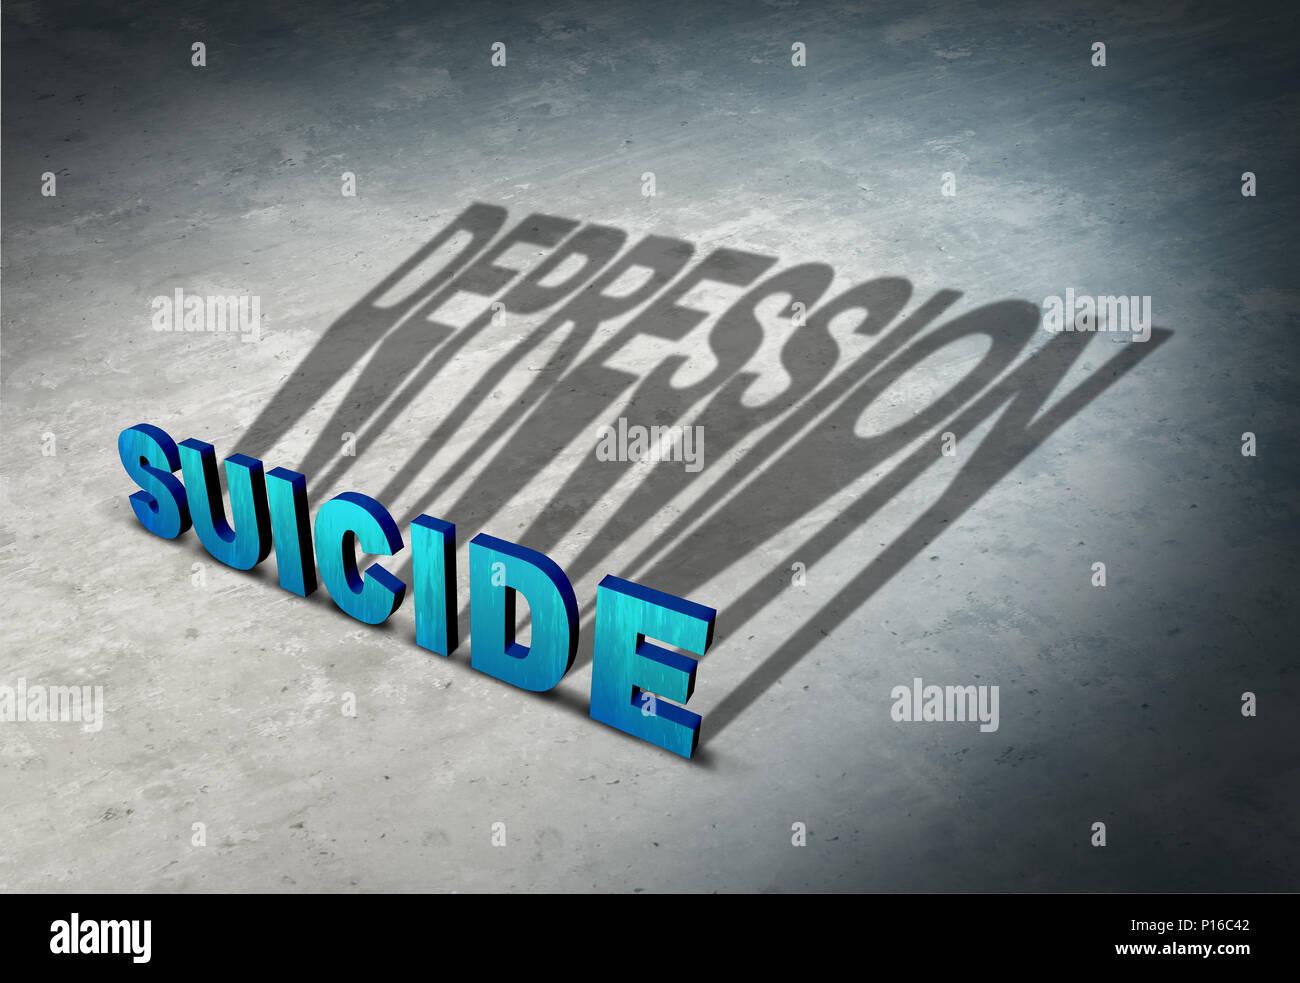 Suicidio e depressione segni premonitori di disperazione come una malattia mentale concetto di salute come una soluzione permanente per un temporaneo stato di mente. Immagini Stock